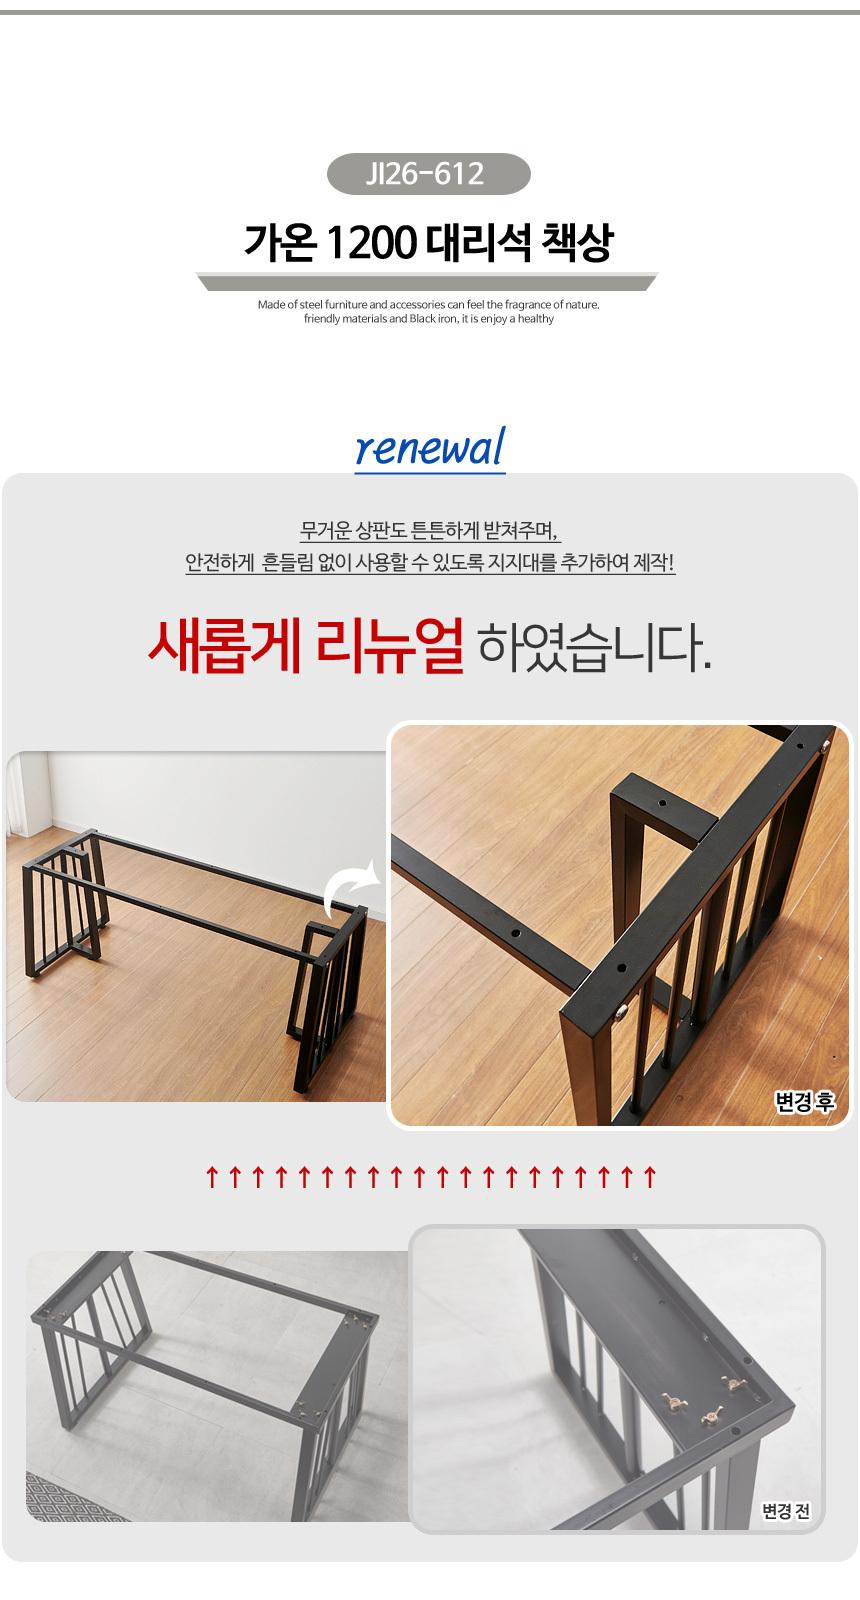 가온 폭600 1200 대리석책상 - (주)동화속나무, 352,000원, 책상/의자, 일반 책상